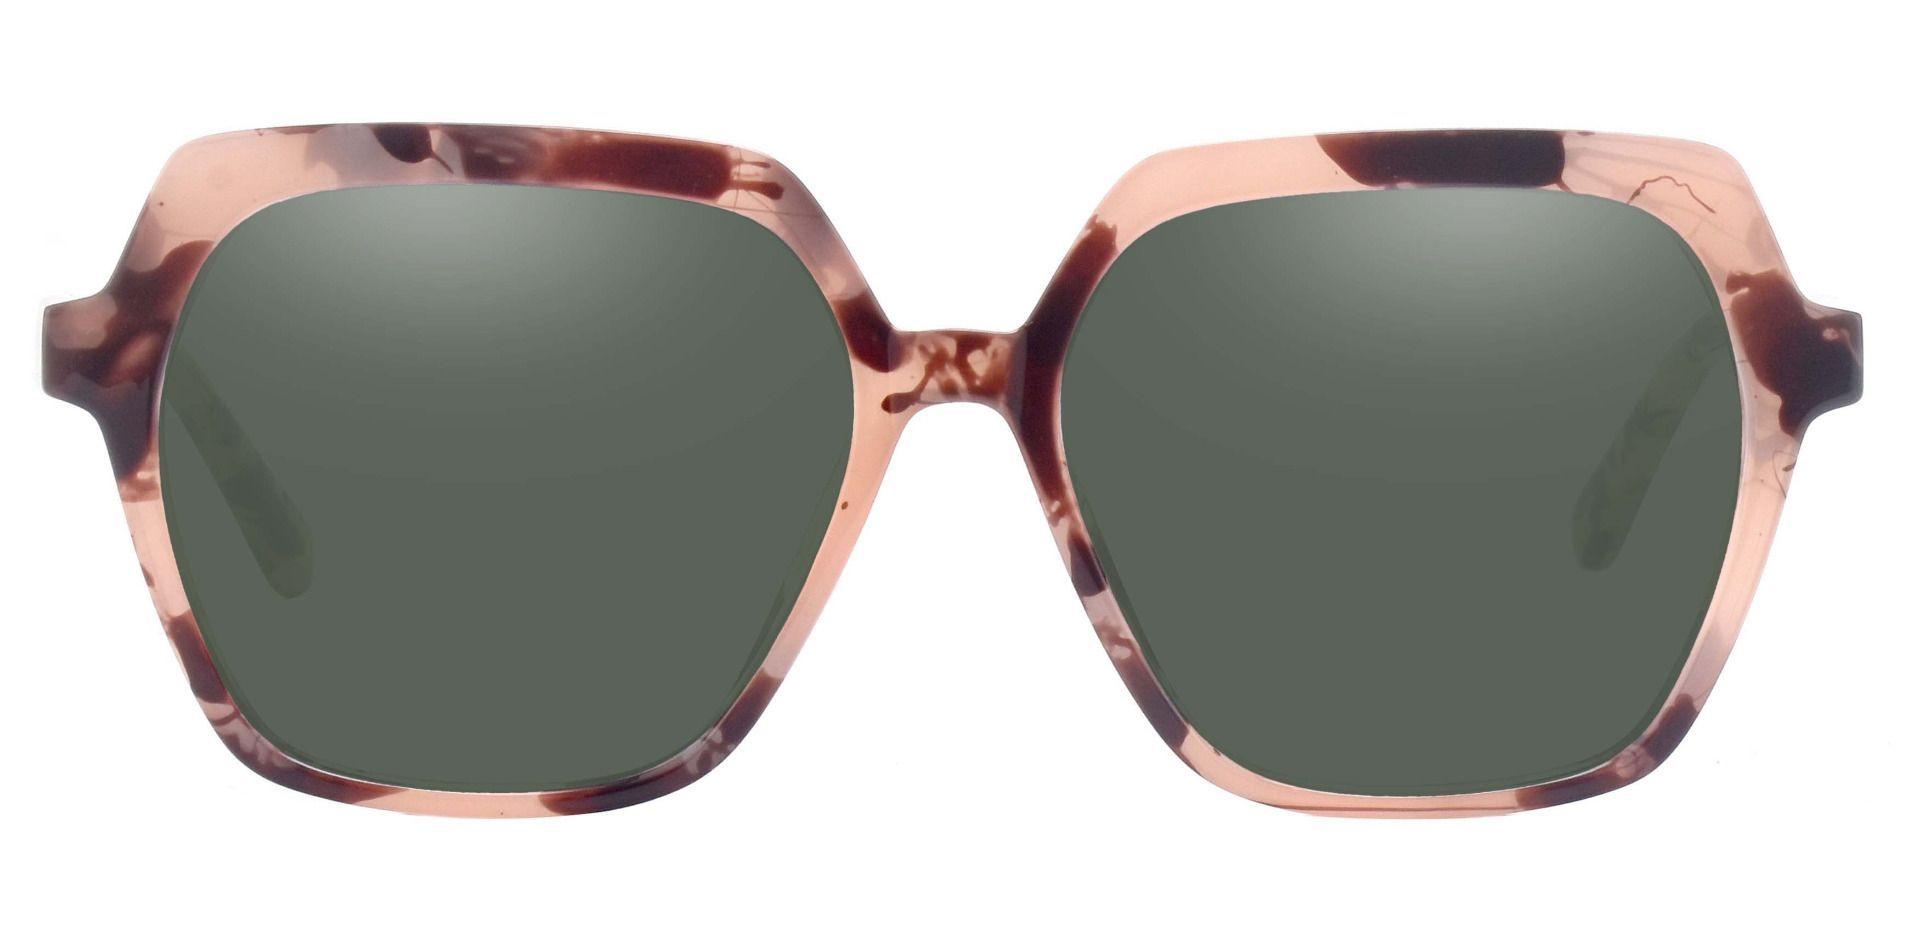 Regent Geometric Reading Sunglasses - Tortoise Frame With Green Lenses